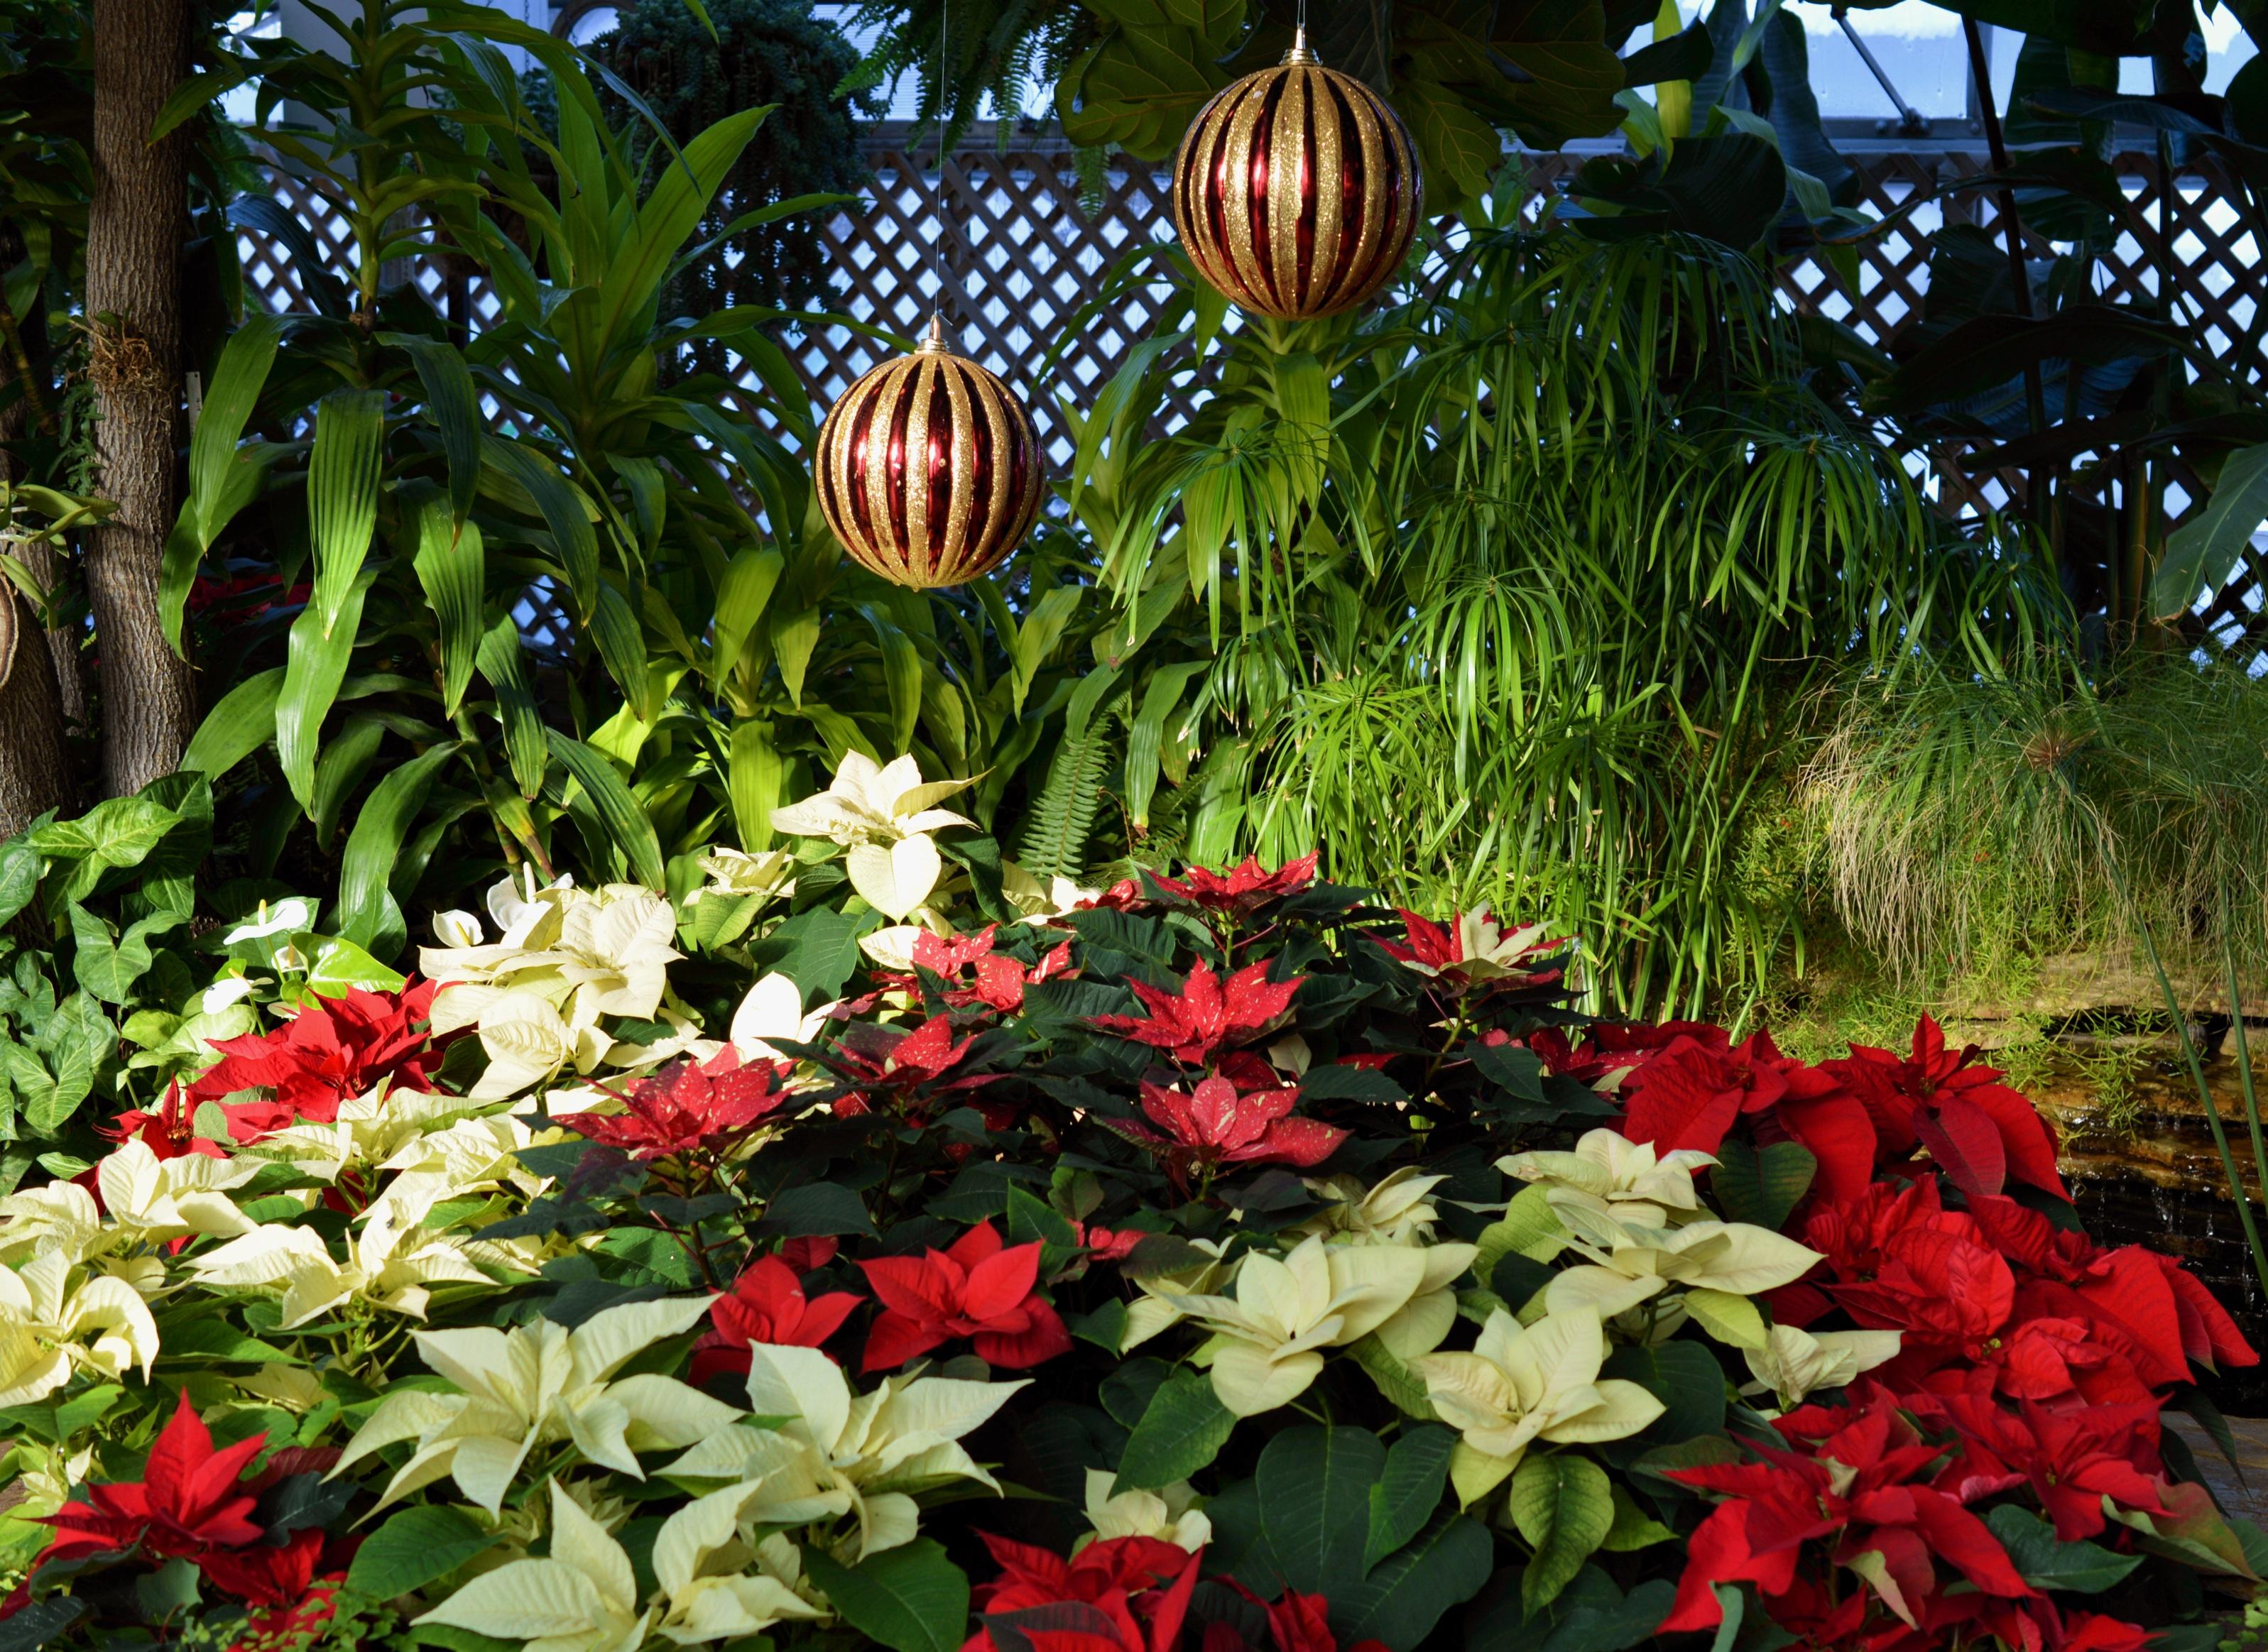 Free Images : winter, plant, leaf, flower, celebration, jungle ...